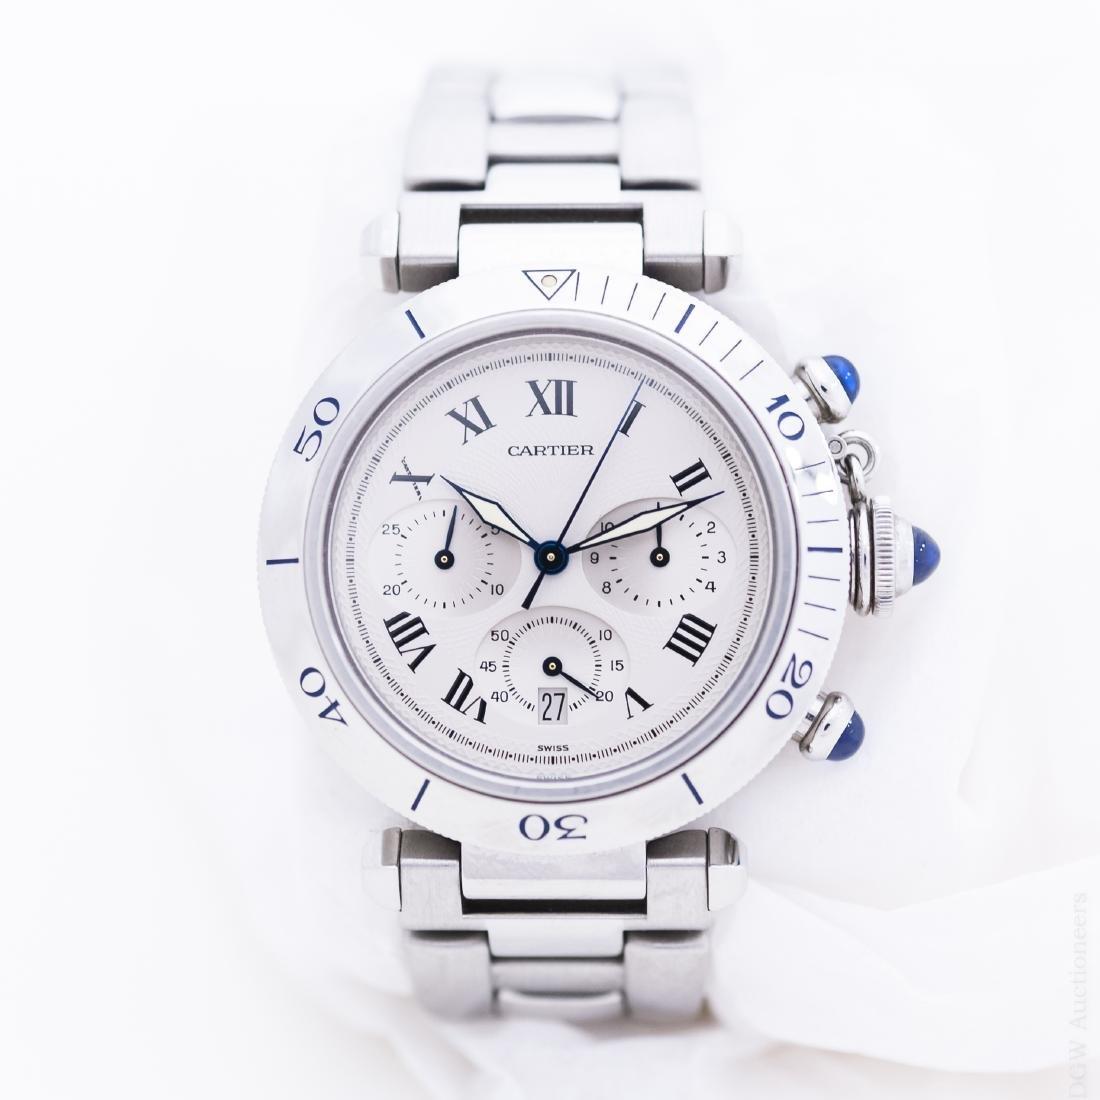 Cartier Model 1050 Quartz Chronograph.